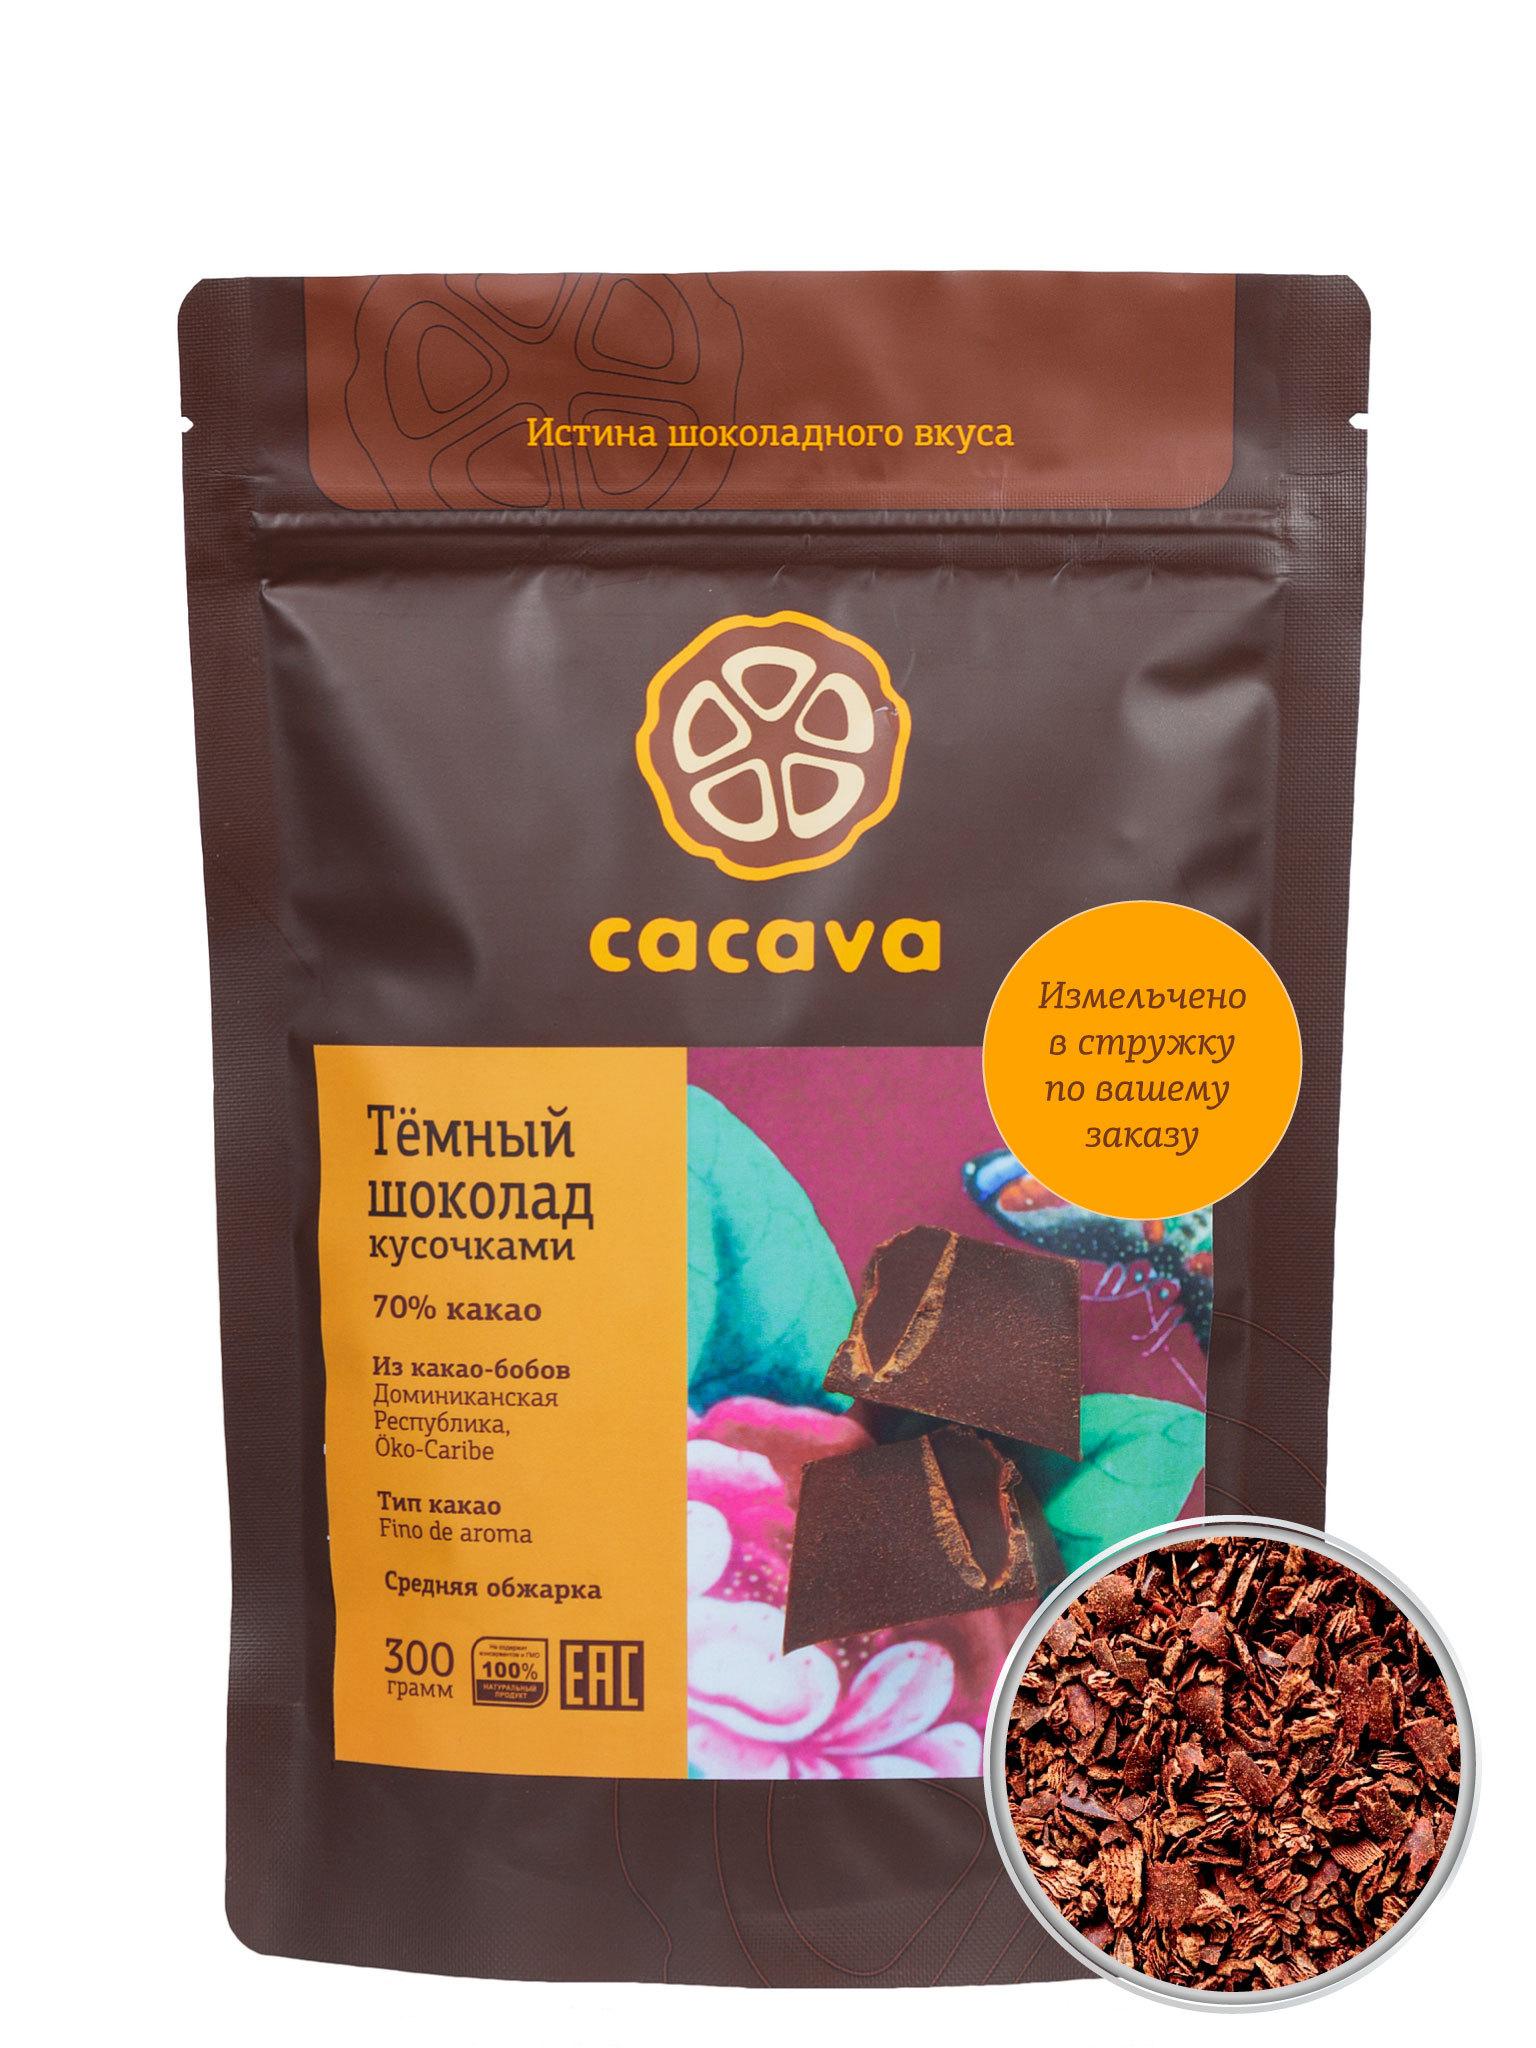 Тёмный шоколад 70 % какао в стружке (Доминикана, ÖKO CARIBE), упаковка 300 грамм